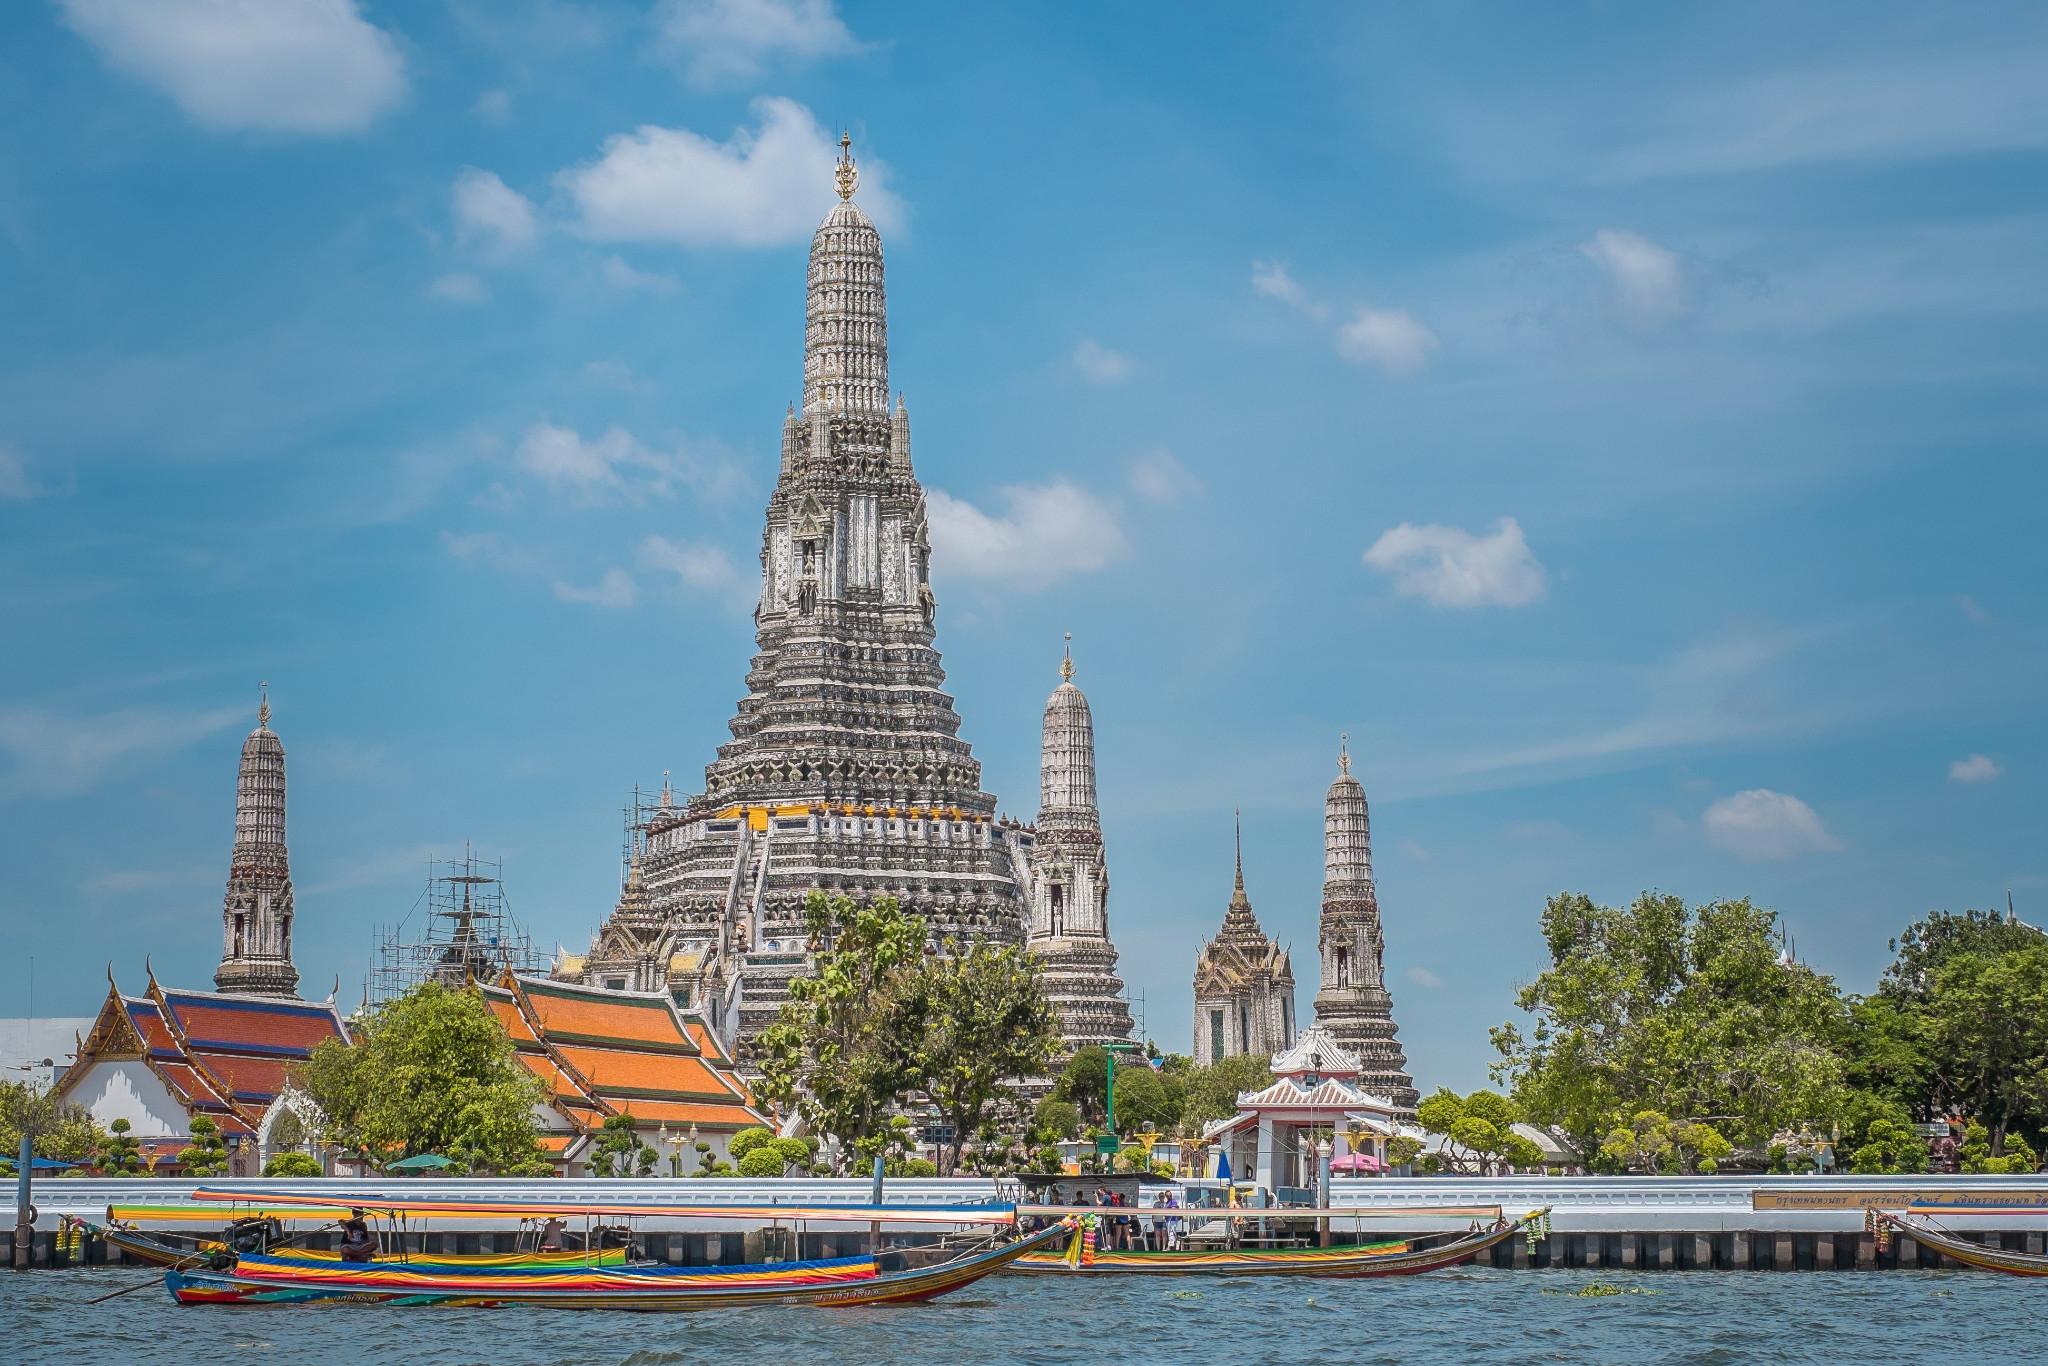 曼谷的另类打开方式,这样的曼谷你一定没见过